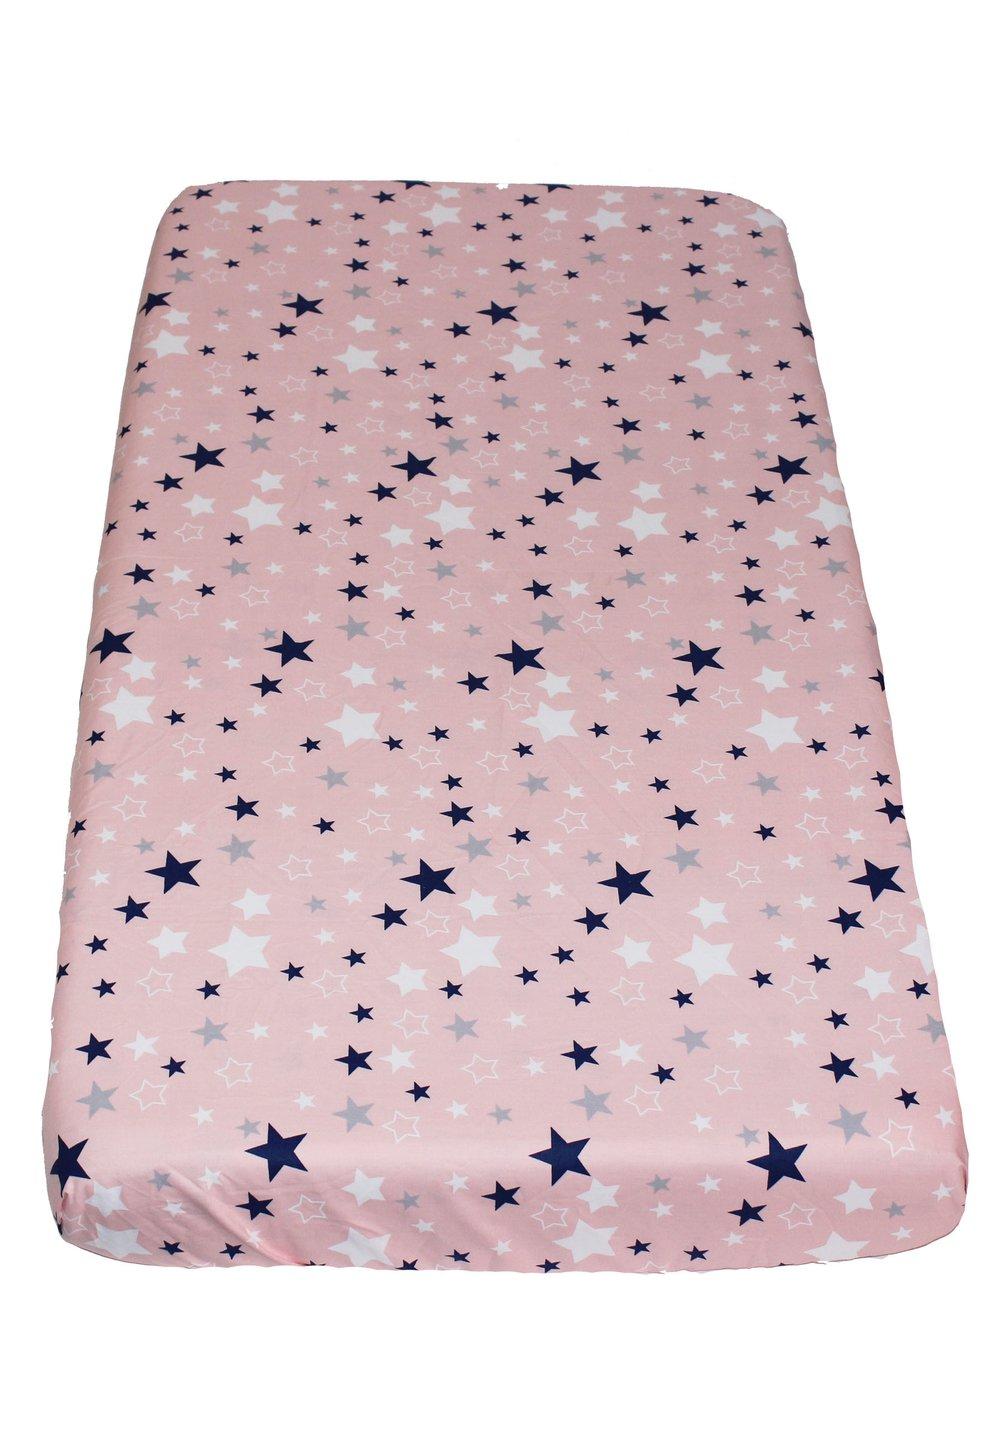 Cearceaf patut, stelutele roz, 120x60cm imagine